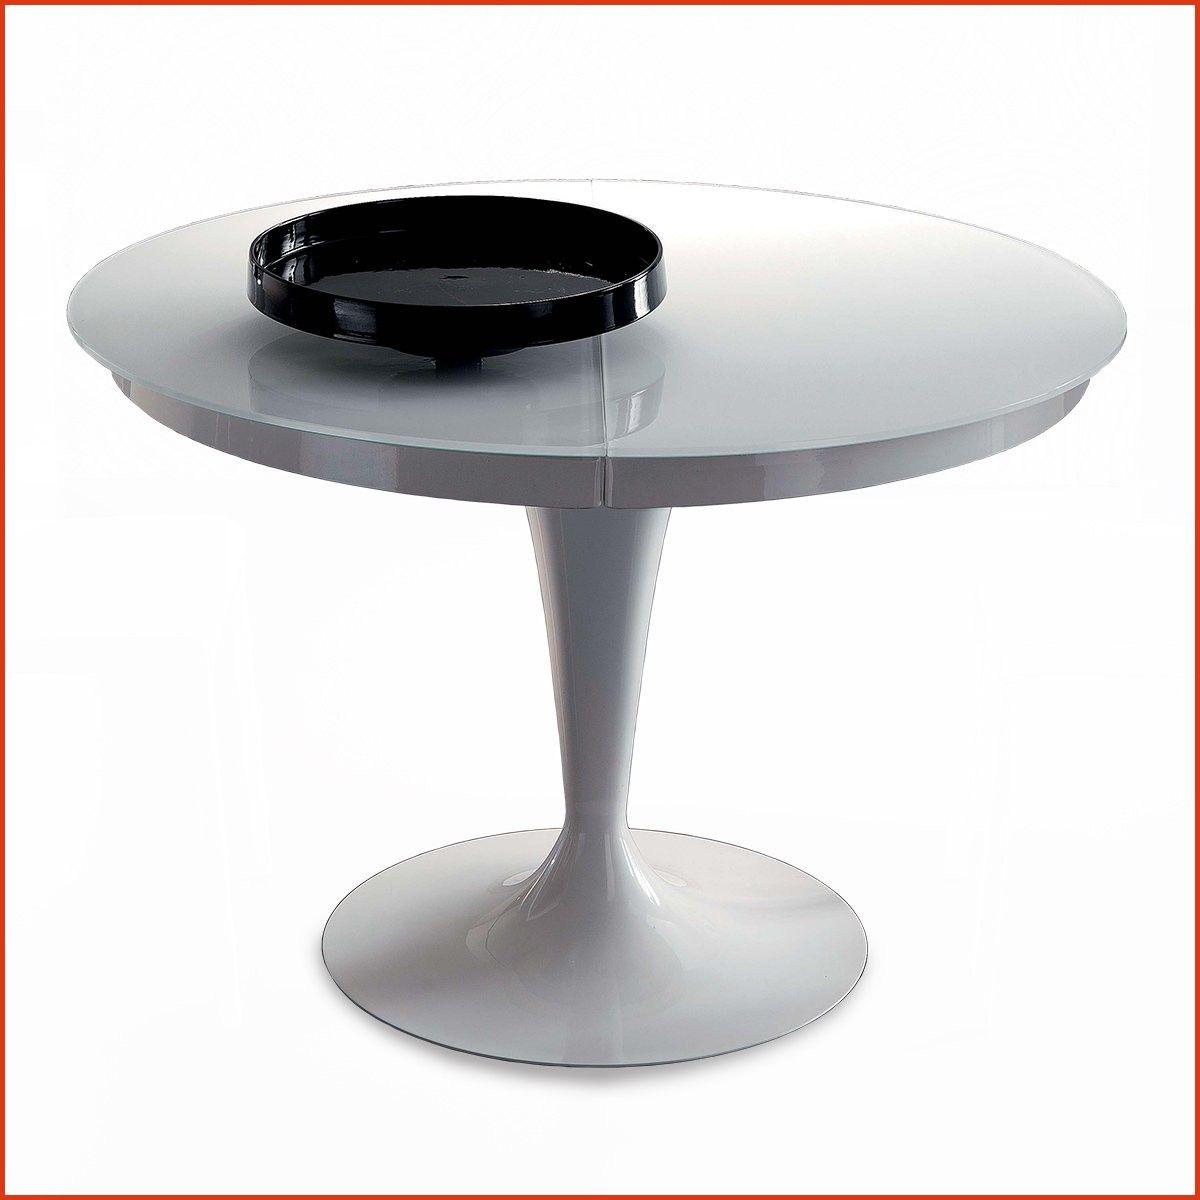 Table Ronde Design Extensible.Unique Table Ronde Extensible Design Ideas 58597 Salle